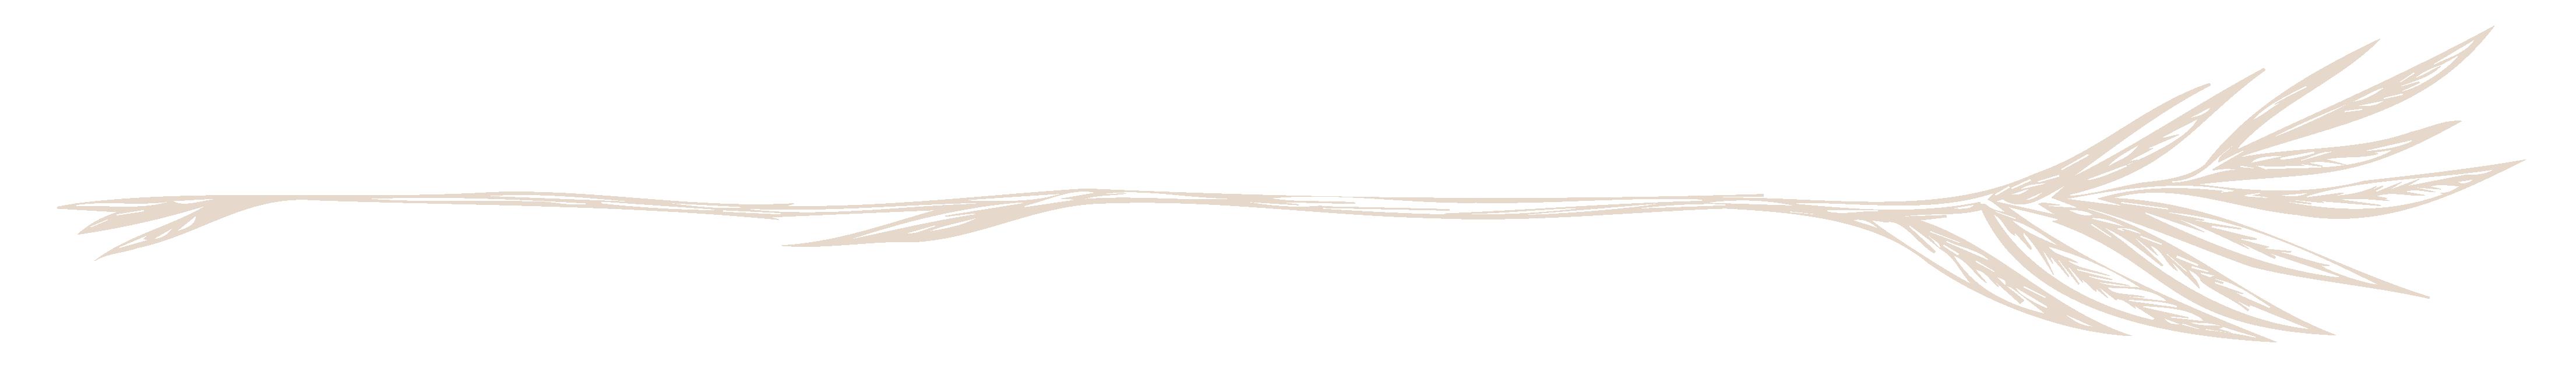 Pats Divider-03